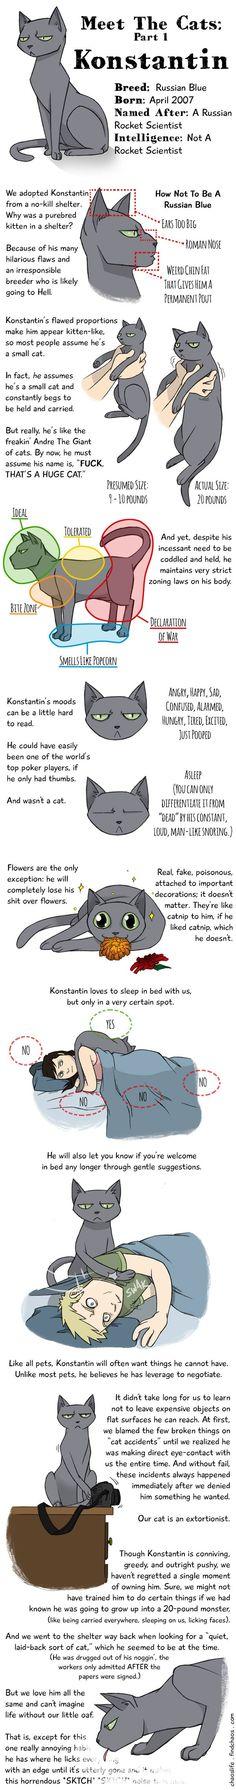 Meet Konstantin